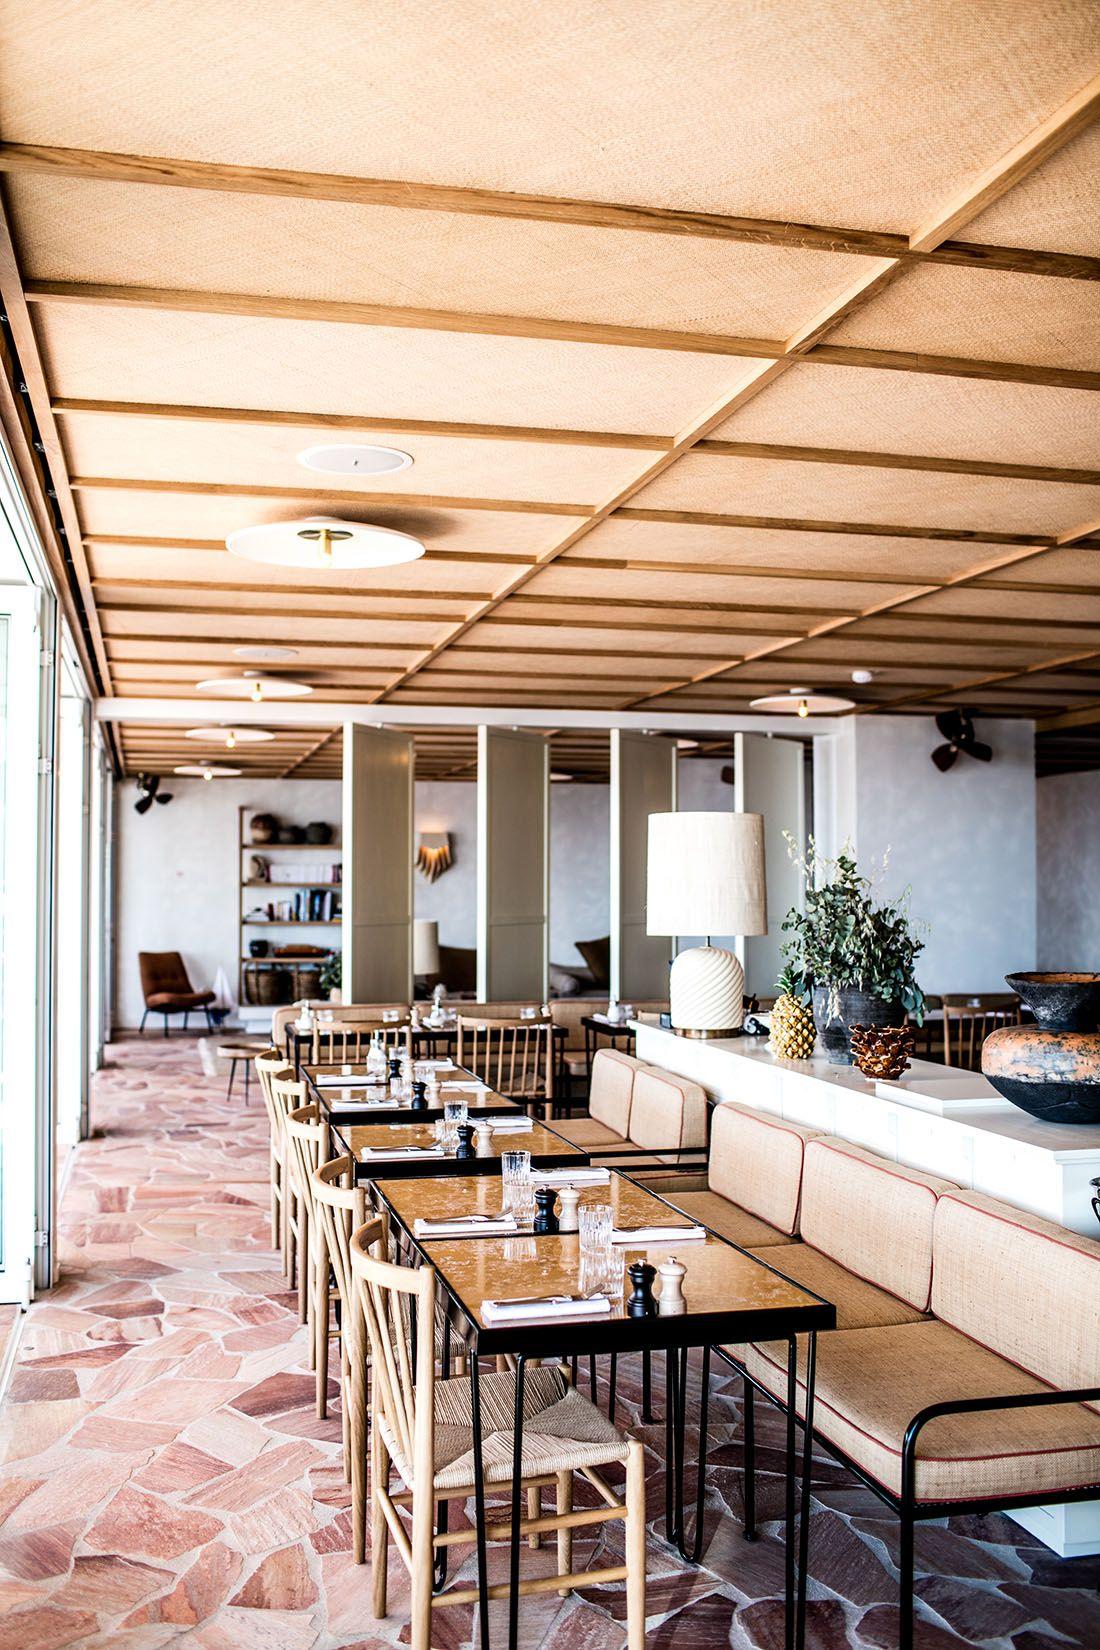 les roches rouges saint rapha l hrr pinterest hotel provence turbulence deco et restaurant. Black Bedroom Furniture Sets. Home Design Ideas